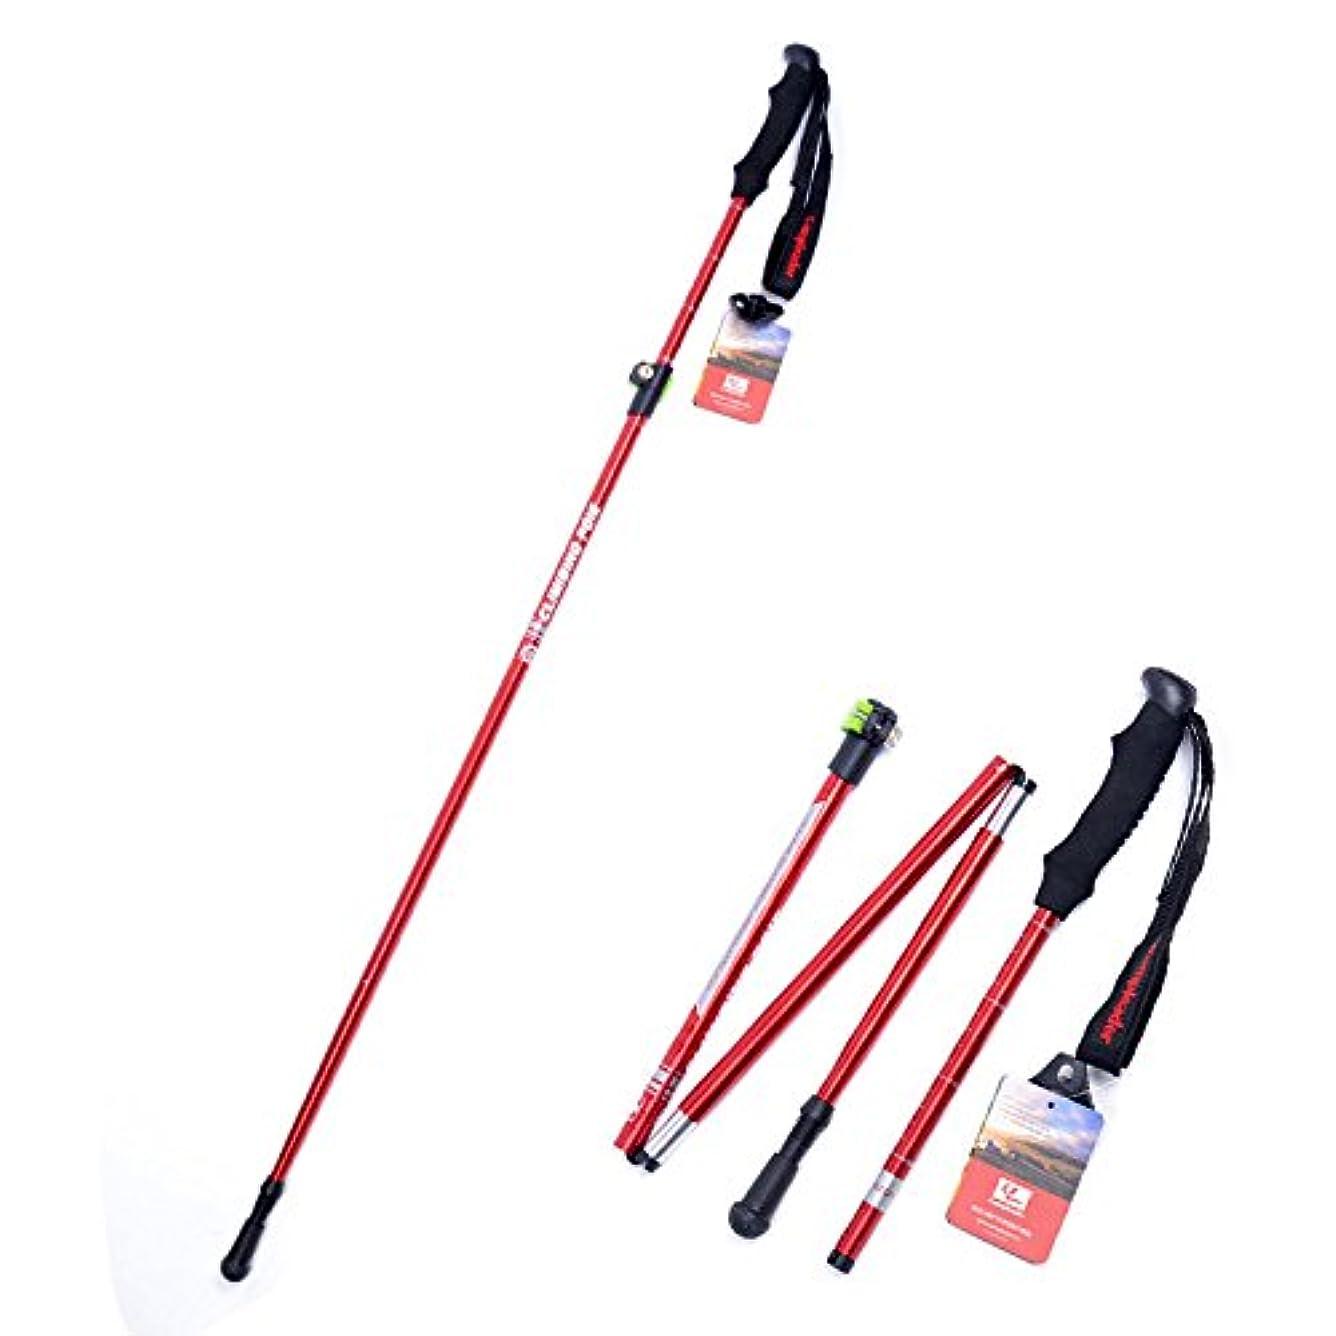 喜び追跡梨dsfgheアウトドア登山ハイキングロックトレッキングポール7075 Folding Ladies Crutchスティックアルミ短いセクション レッド 07230